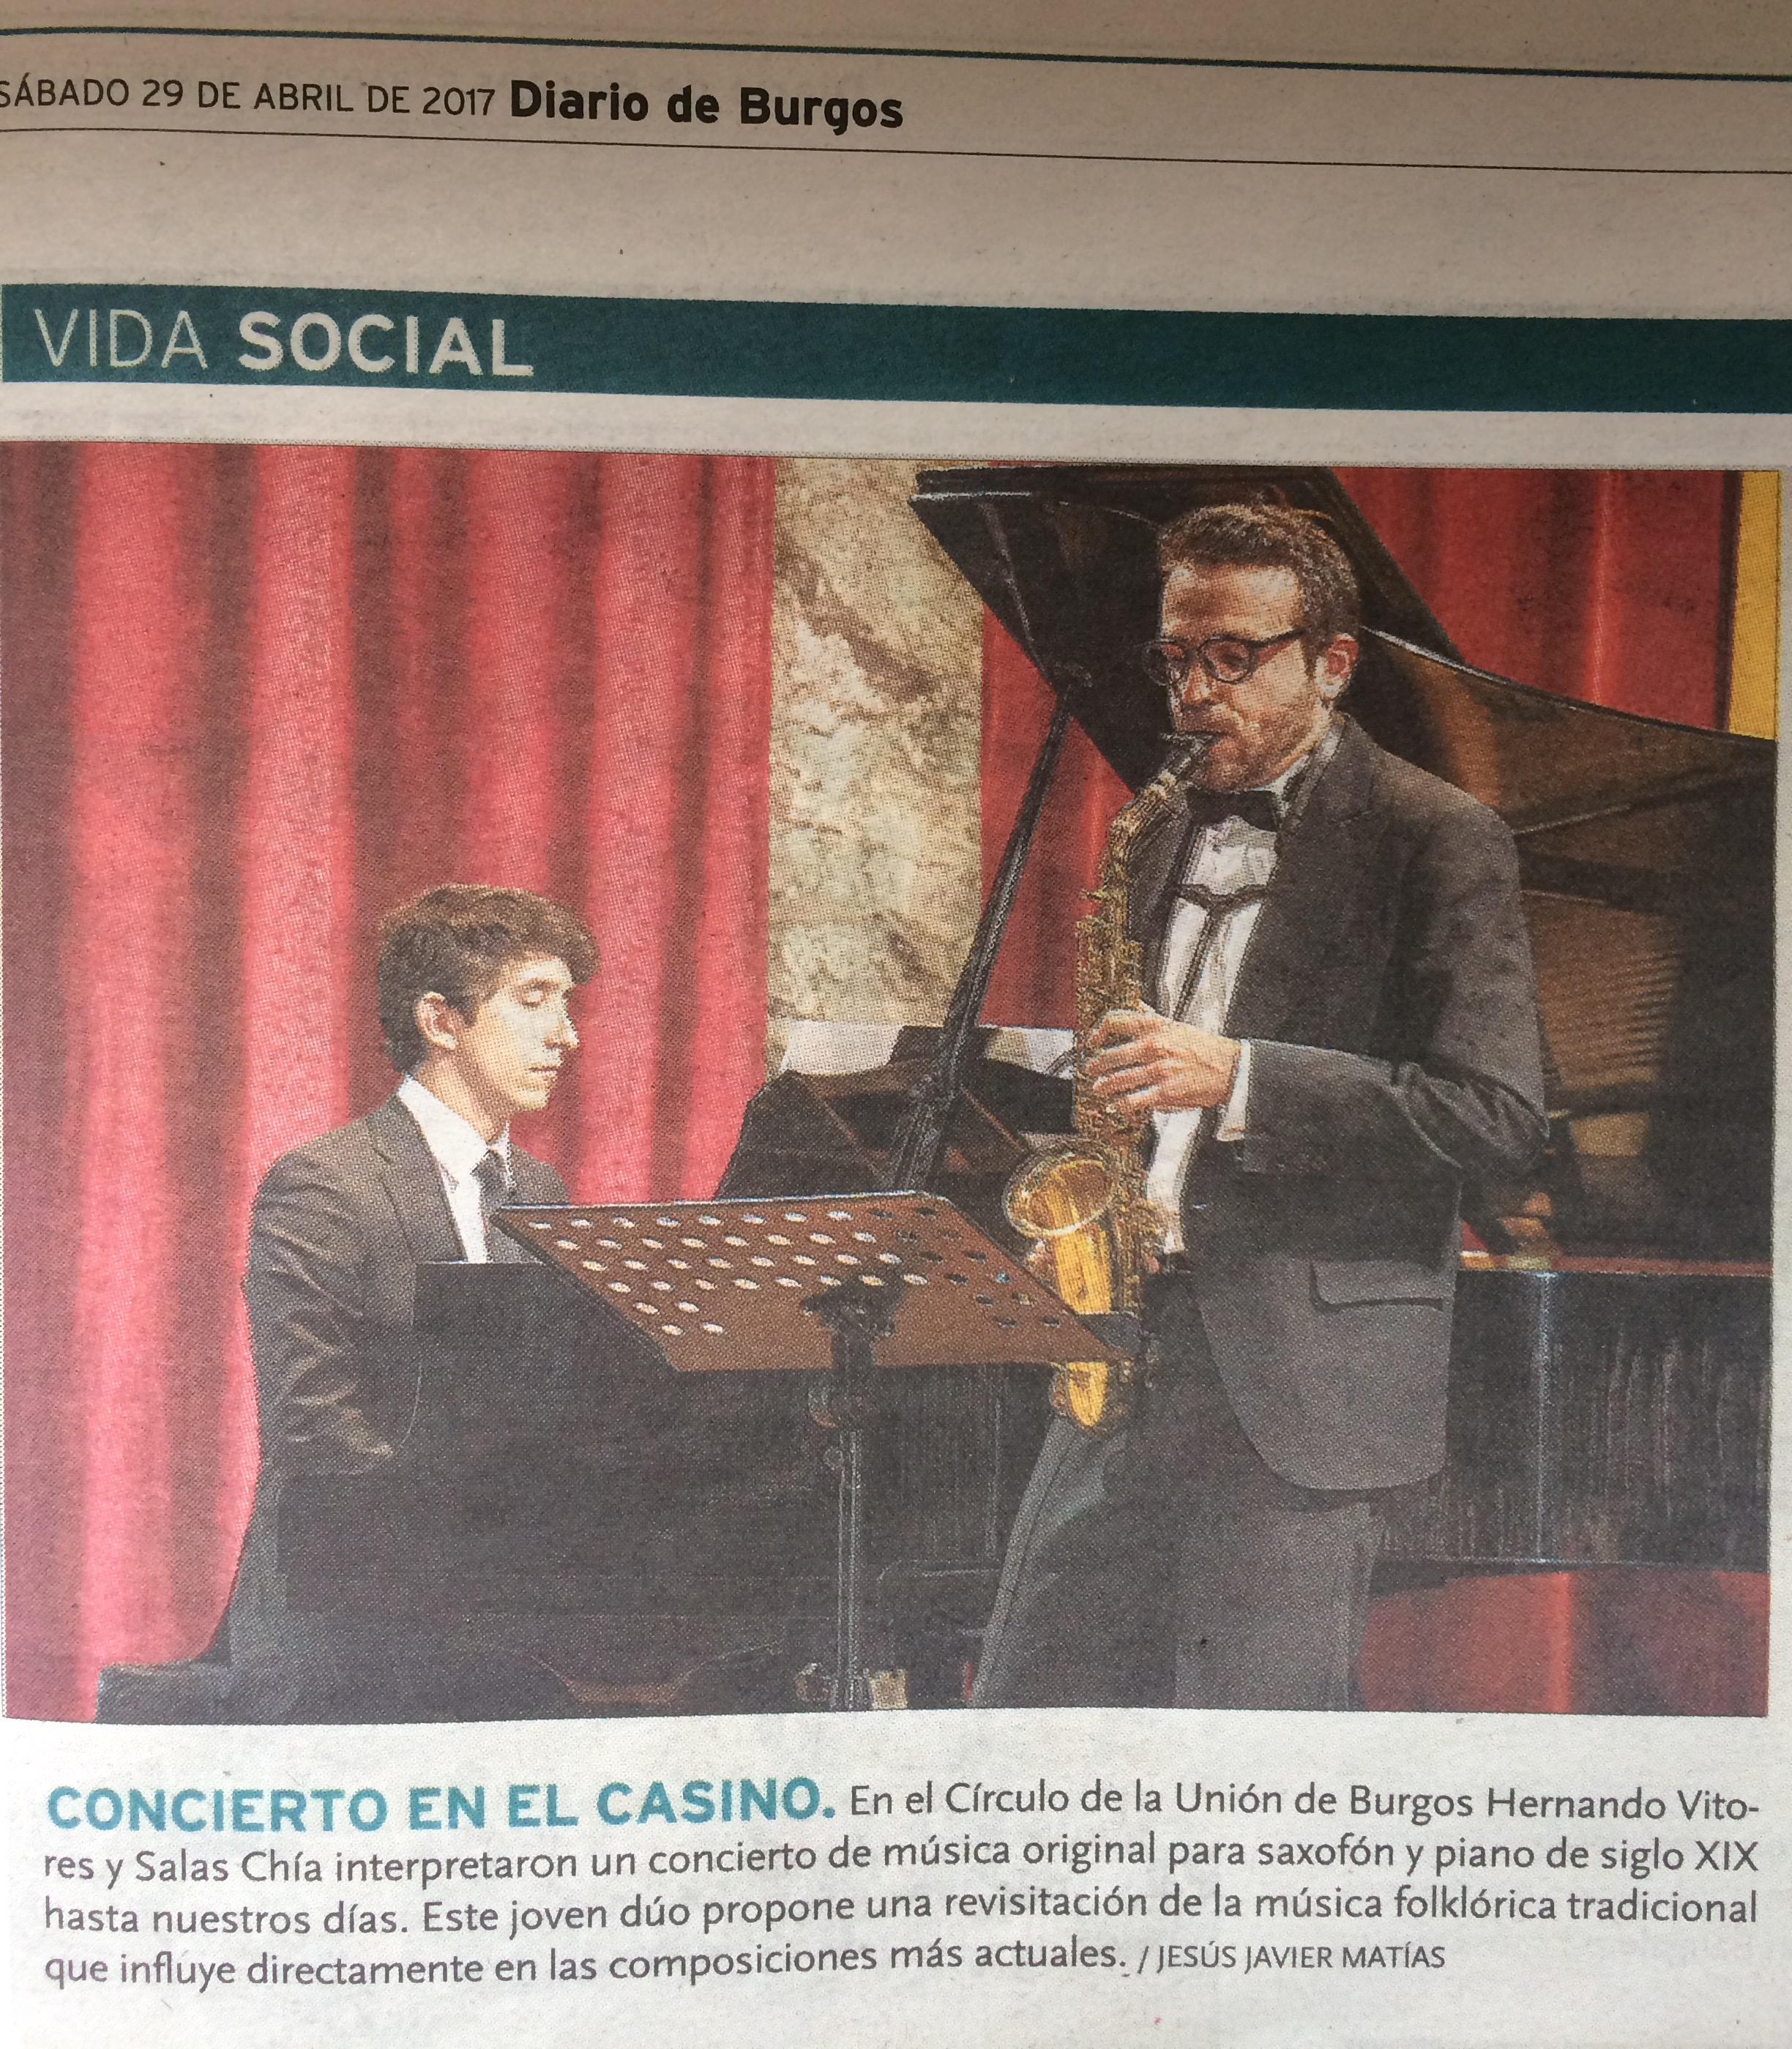 Diario de Burgos 2017